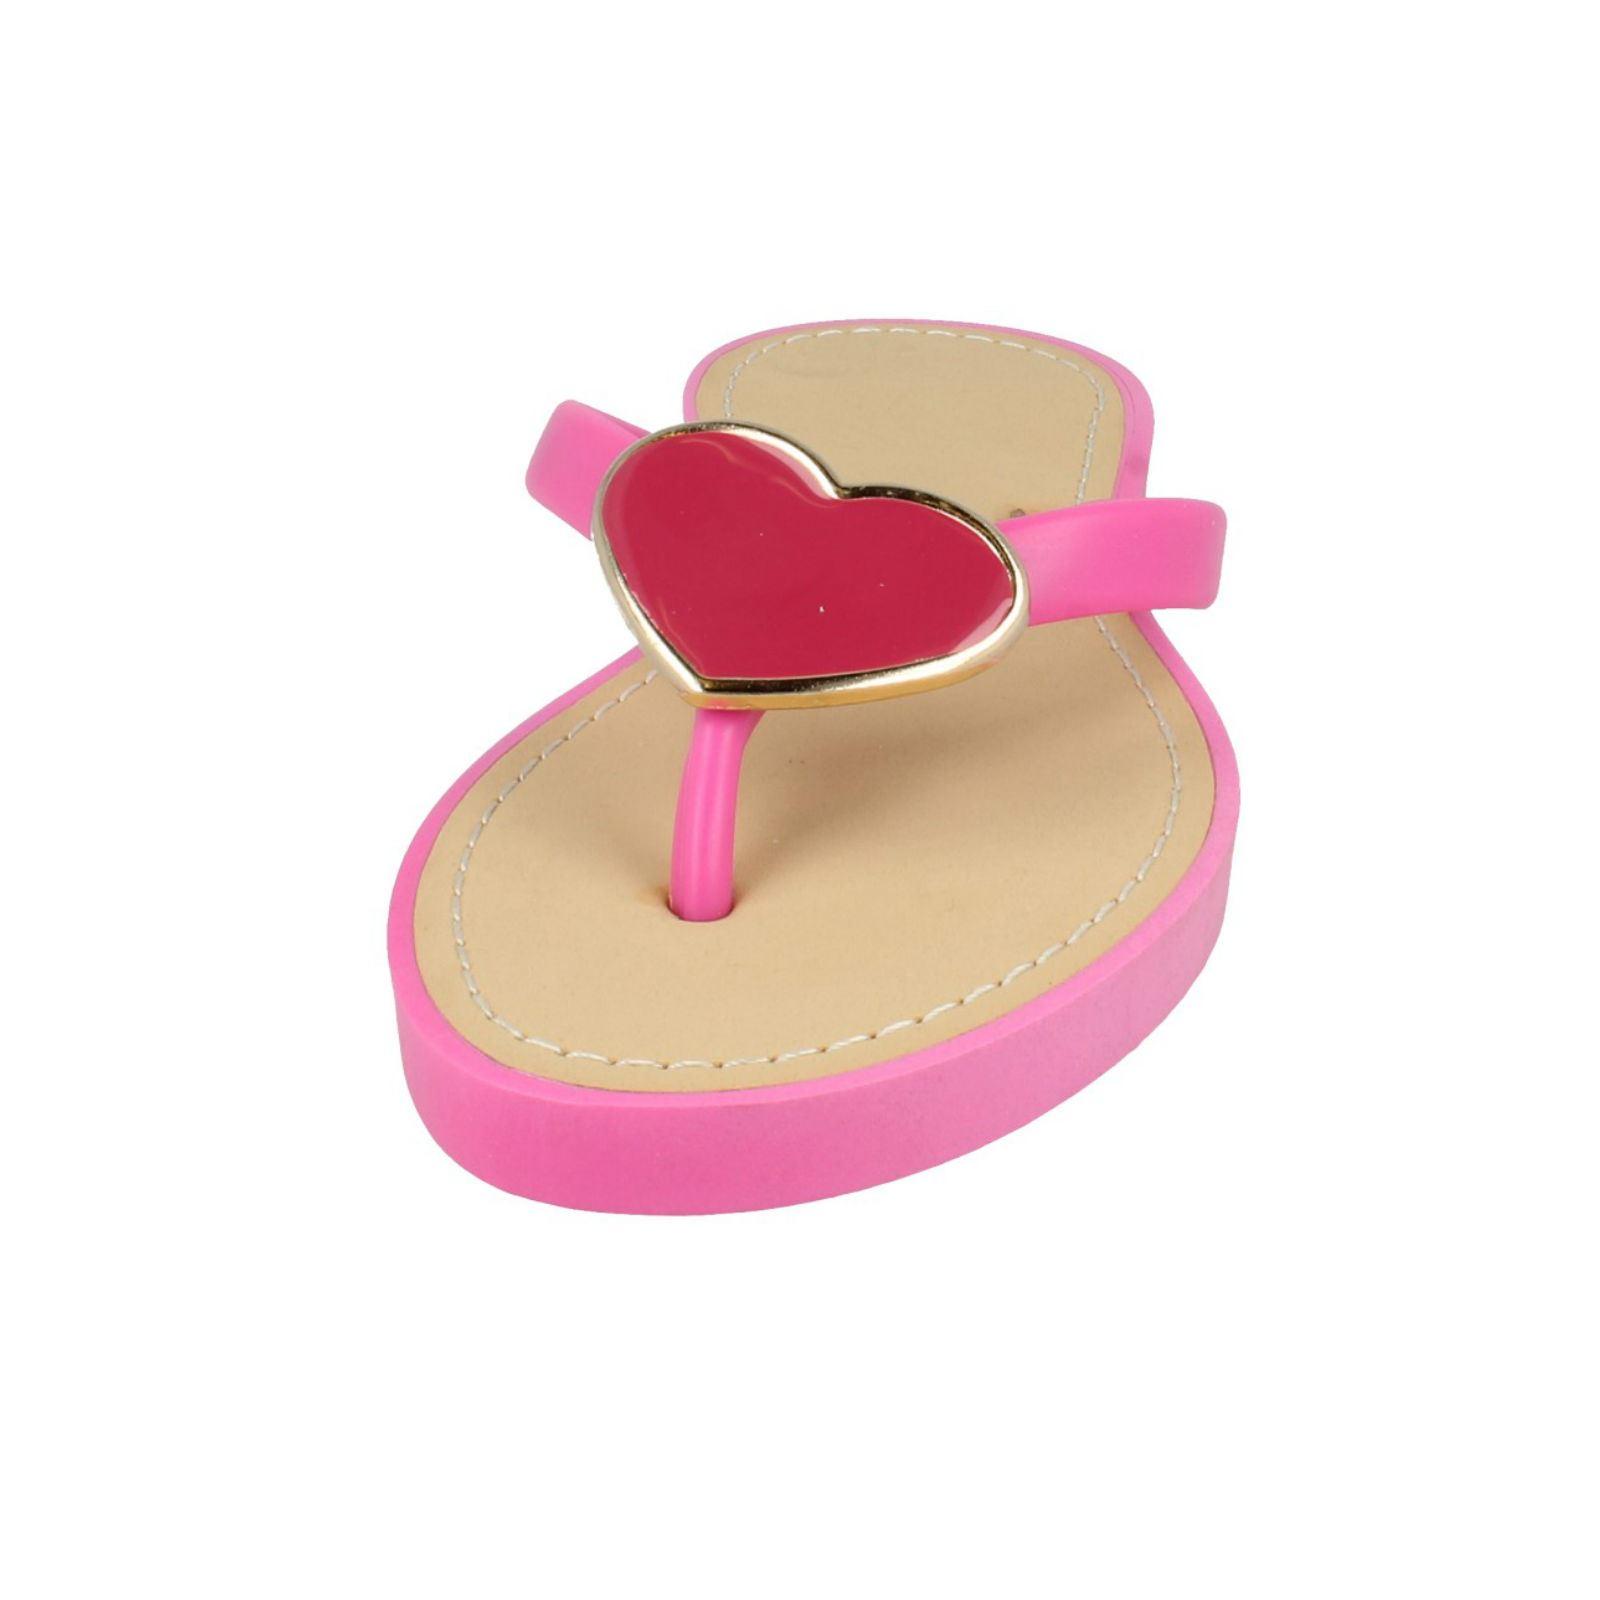 Señoras Toe Post mula con detalle de corazón mancha en el estilo-F0784